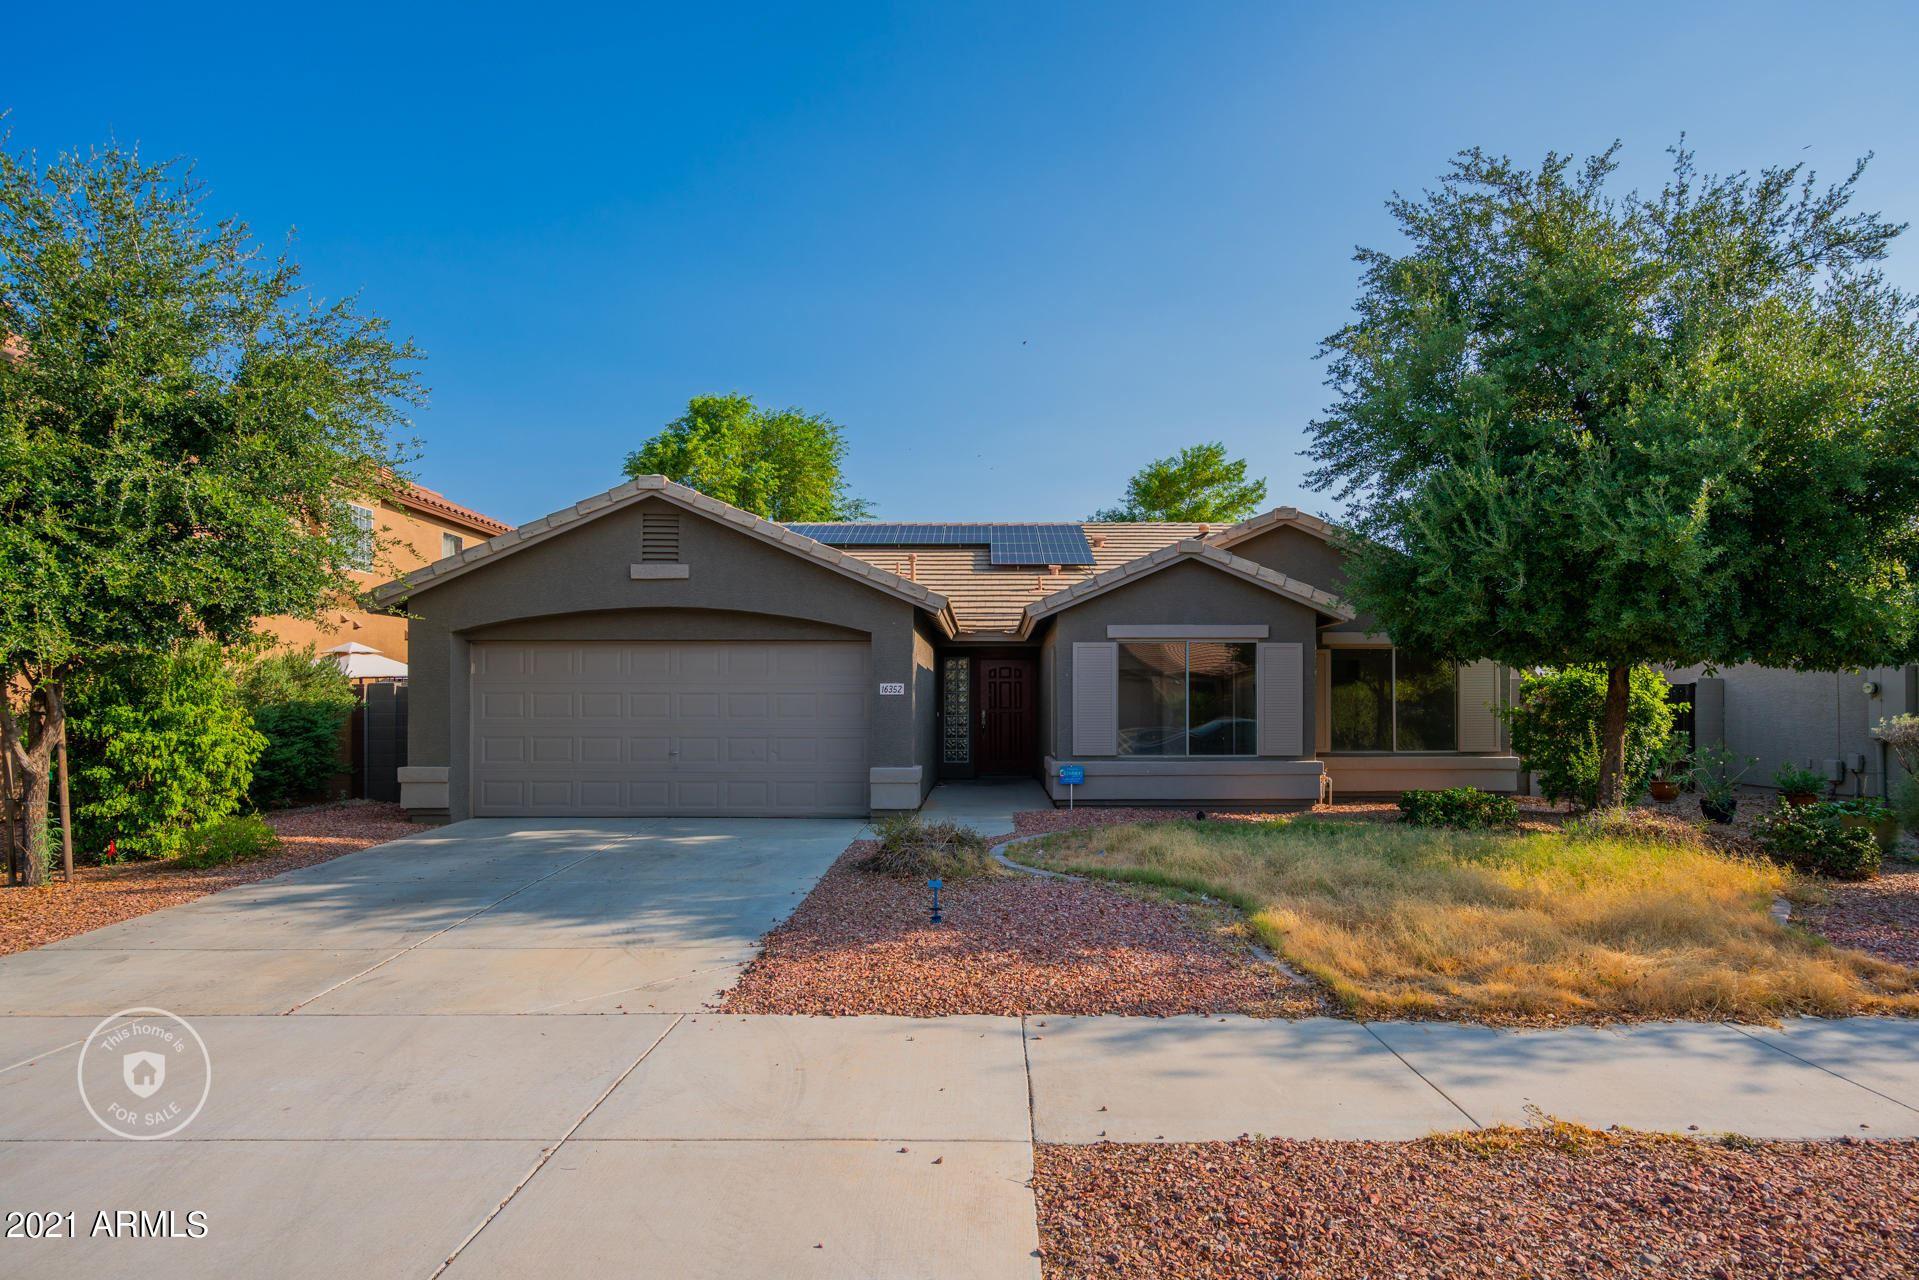 16352 W MONROE Street, Goodyear, AZ 85338 - MLS#: 6266670